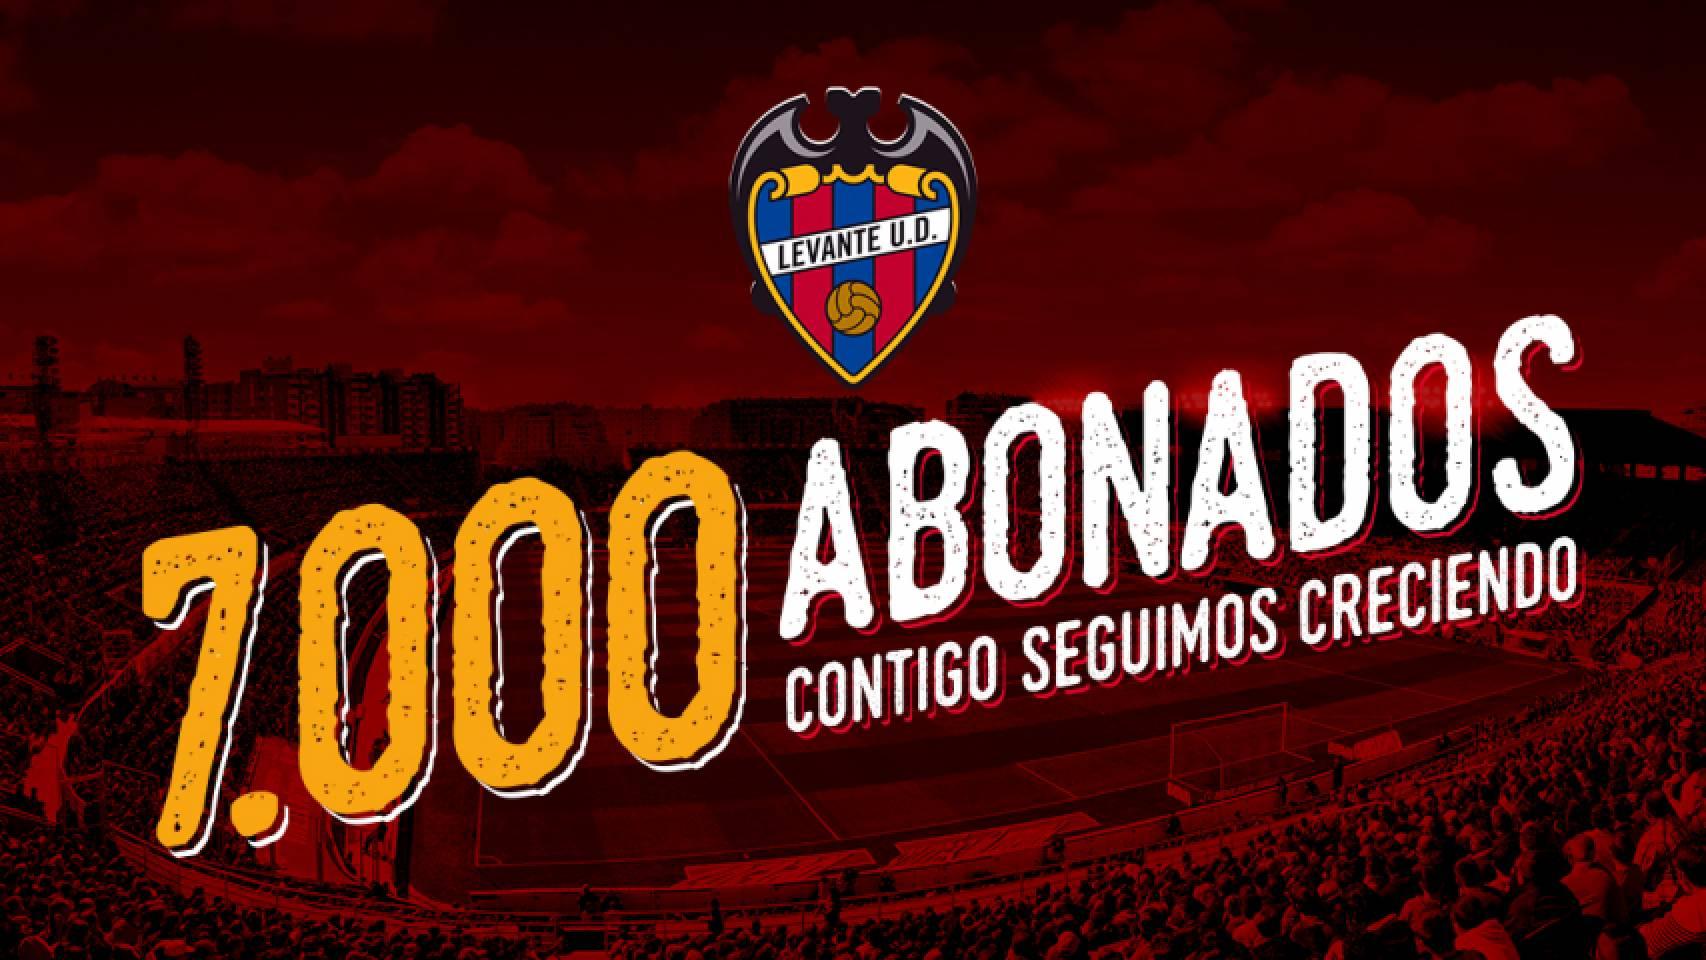 El @LevanteUD llega a los 7.000 abonados, un veinte por ciento nuevos